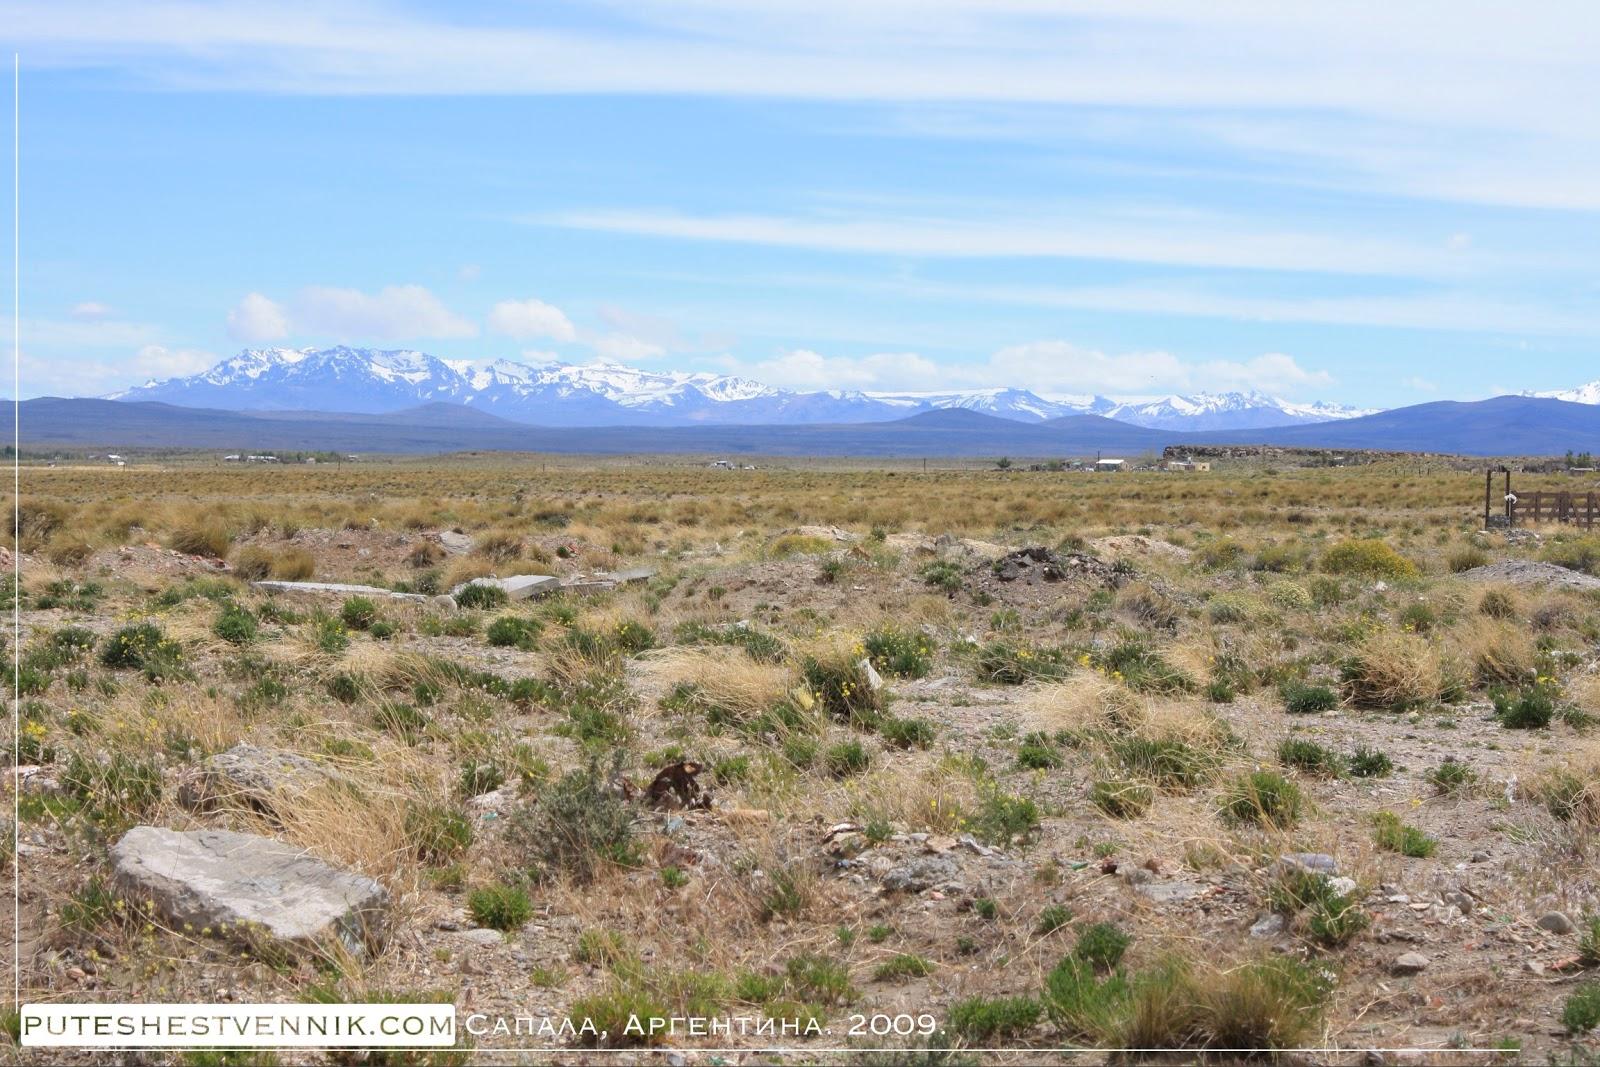 Степь и горы в Аргентине